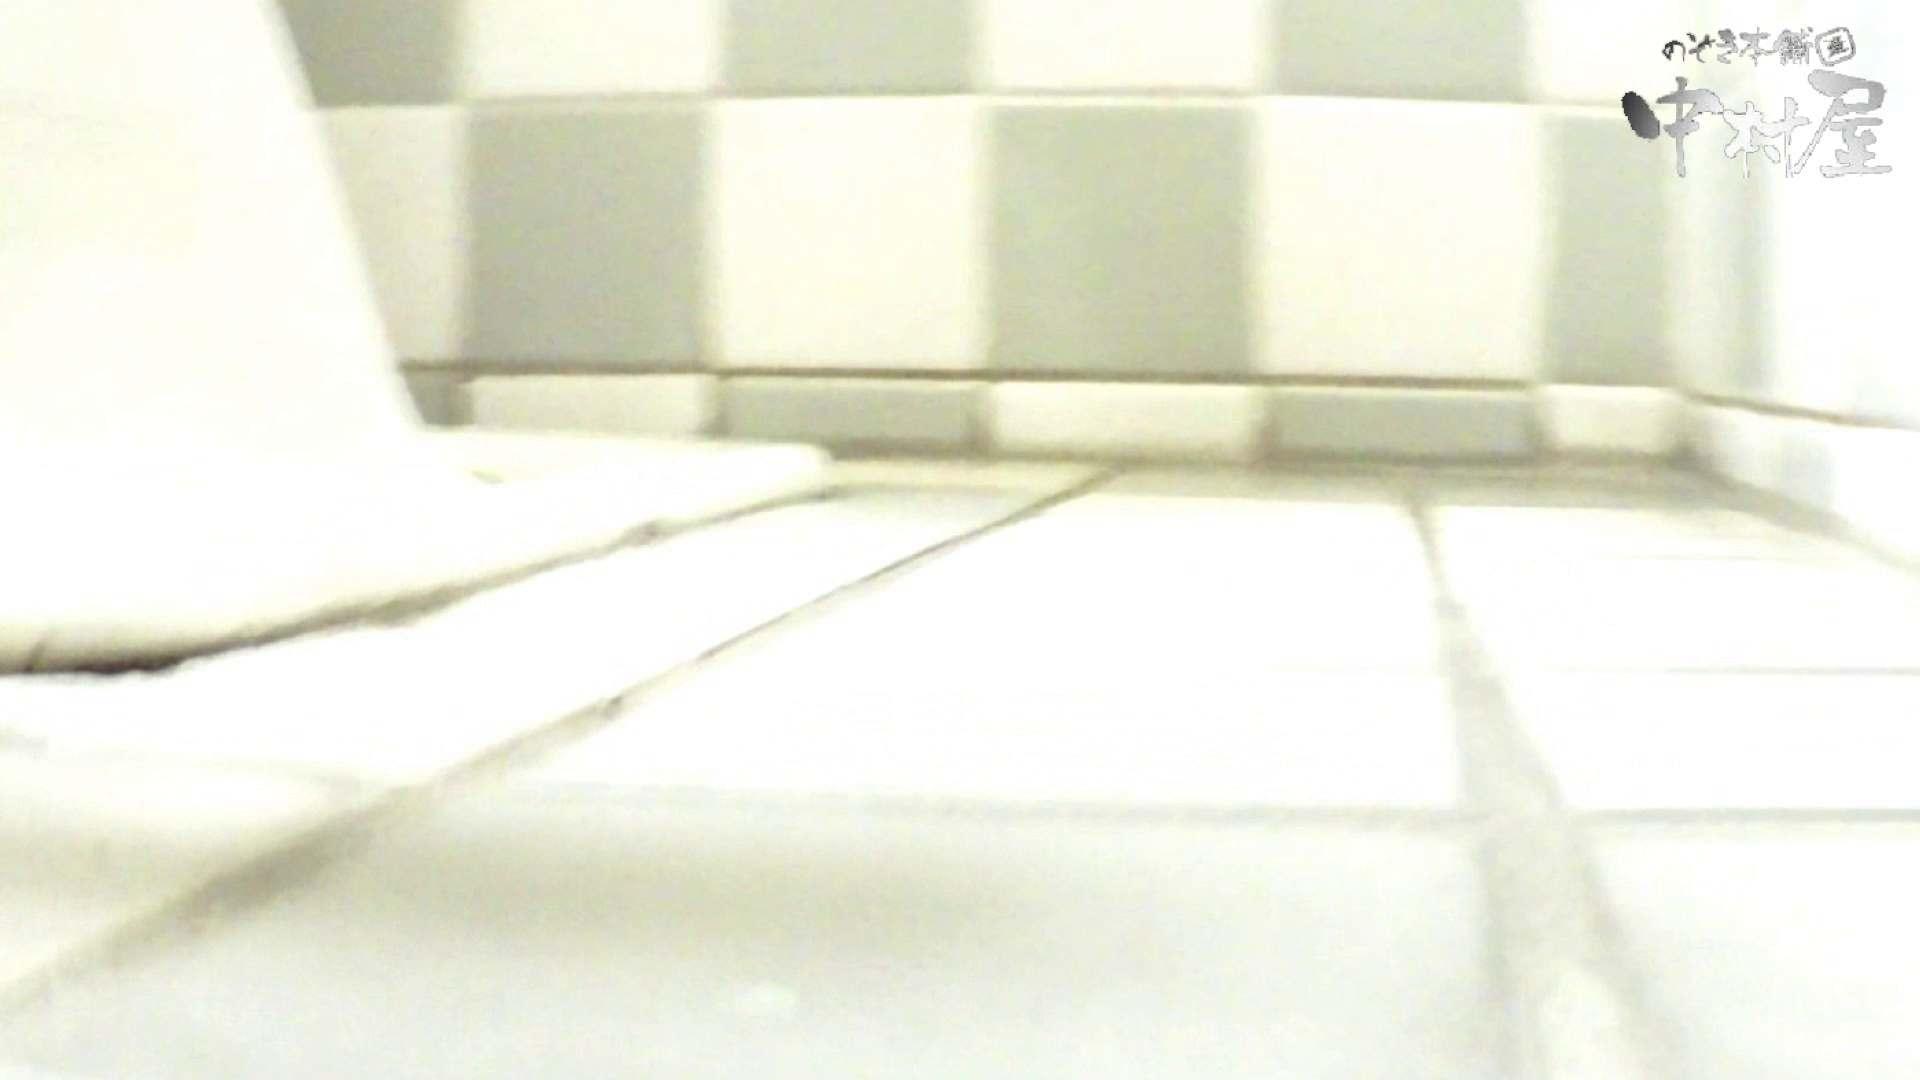 お待たせしました始動します‼雅さんの独断と偏見で集めた動画集 Vol.8 OLセックス  85画像 70